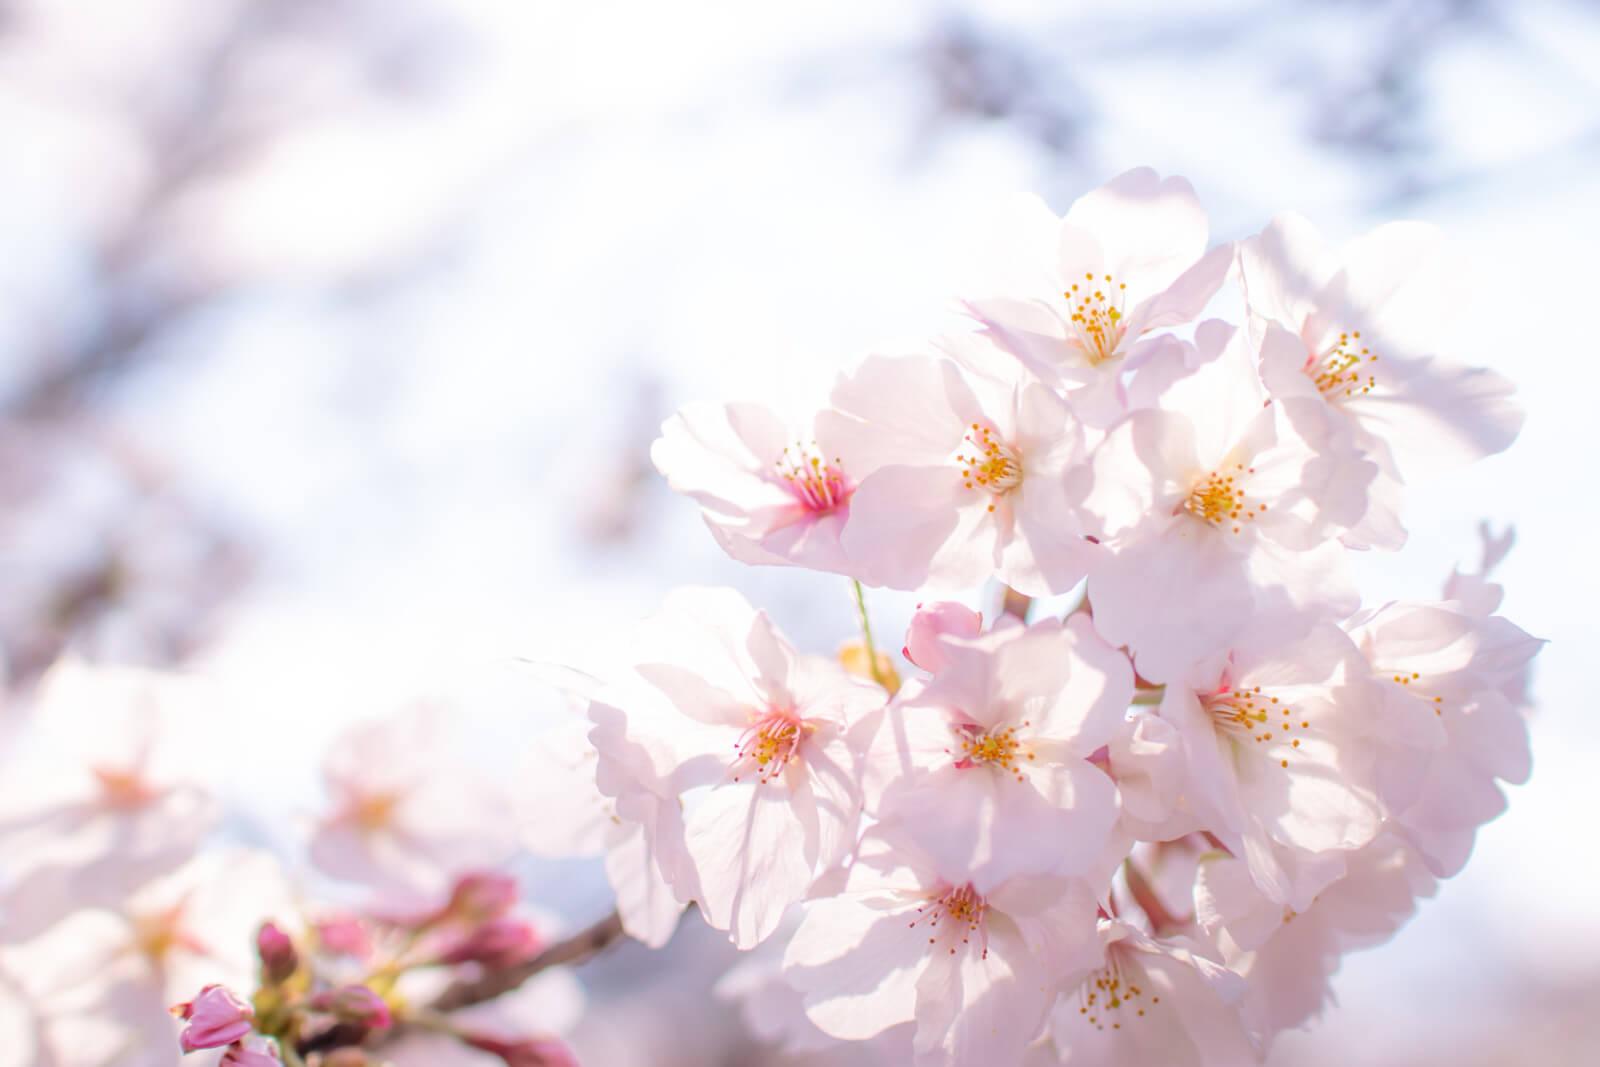 太陽の光が透ける桜のはなびら